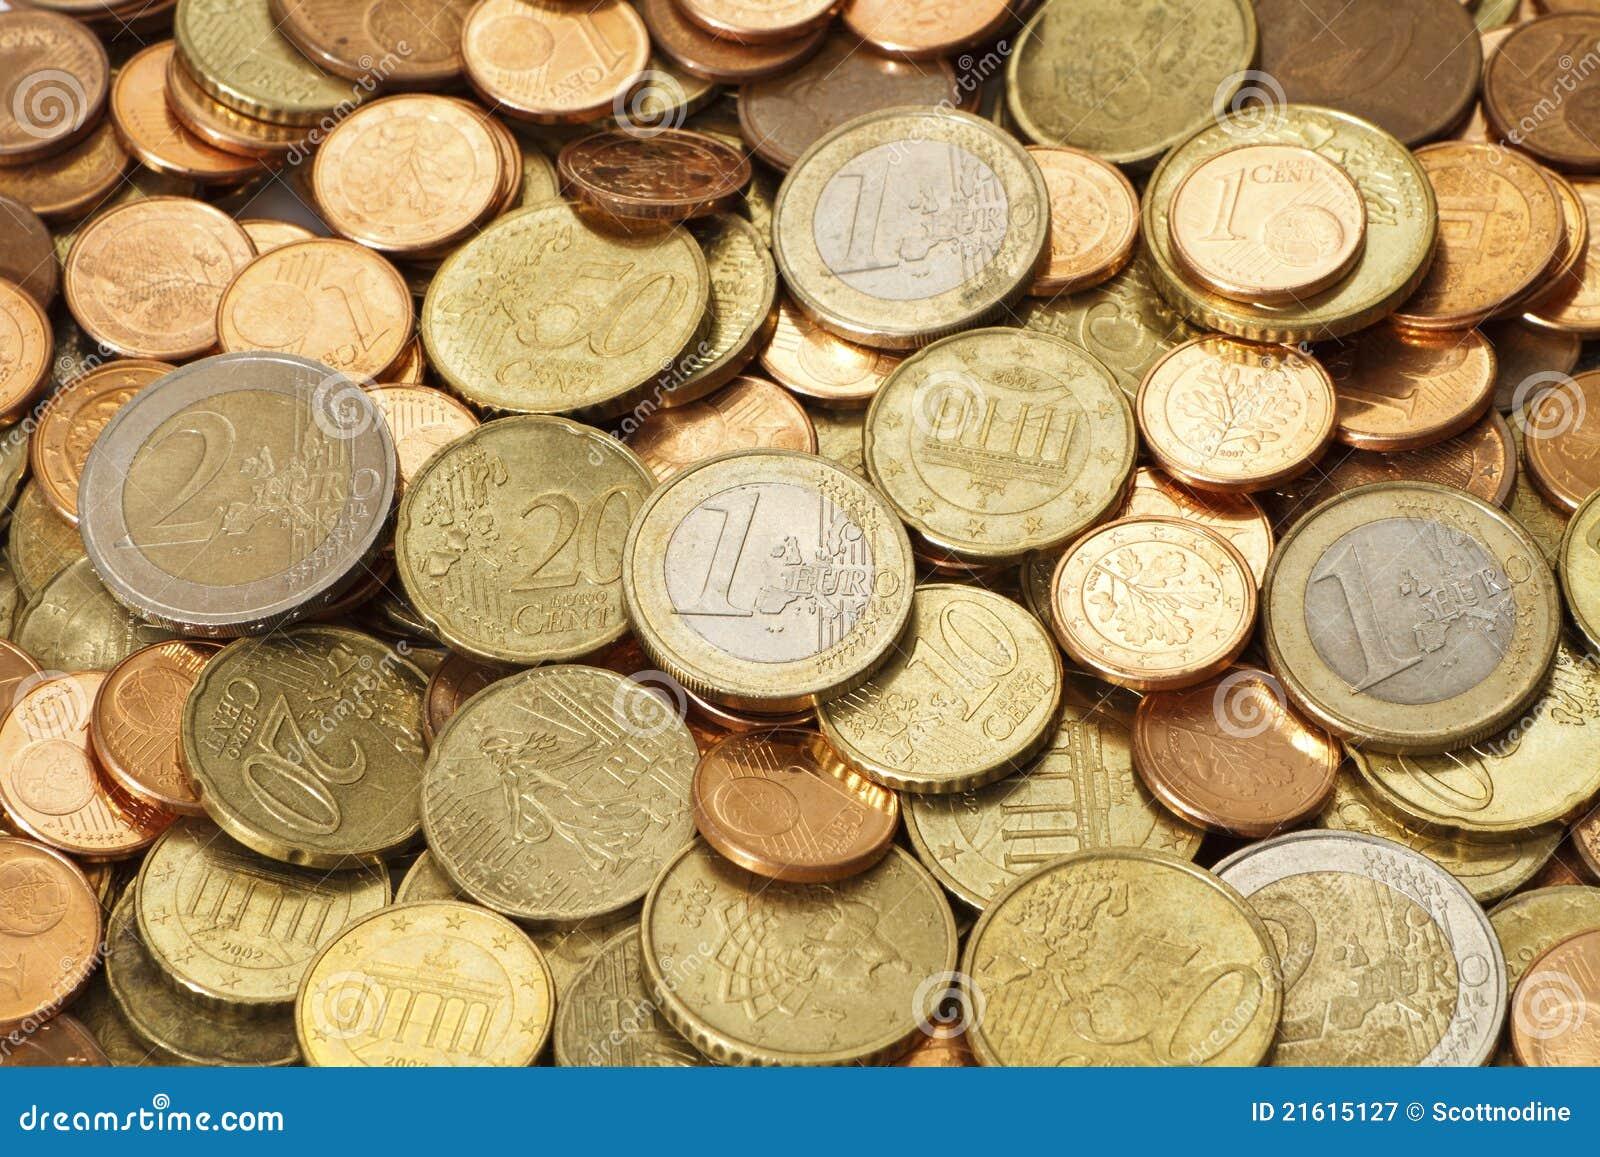 90 Silver Coins  5 Face Value  Silver Dimes